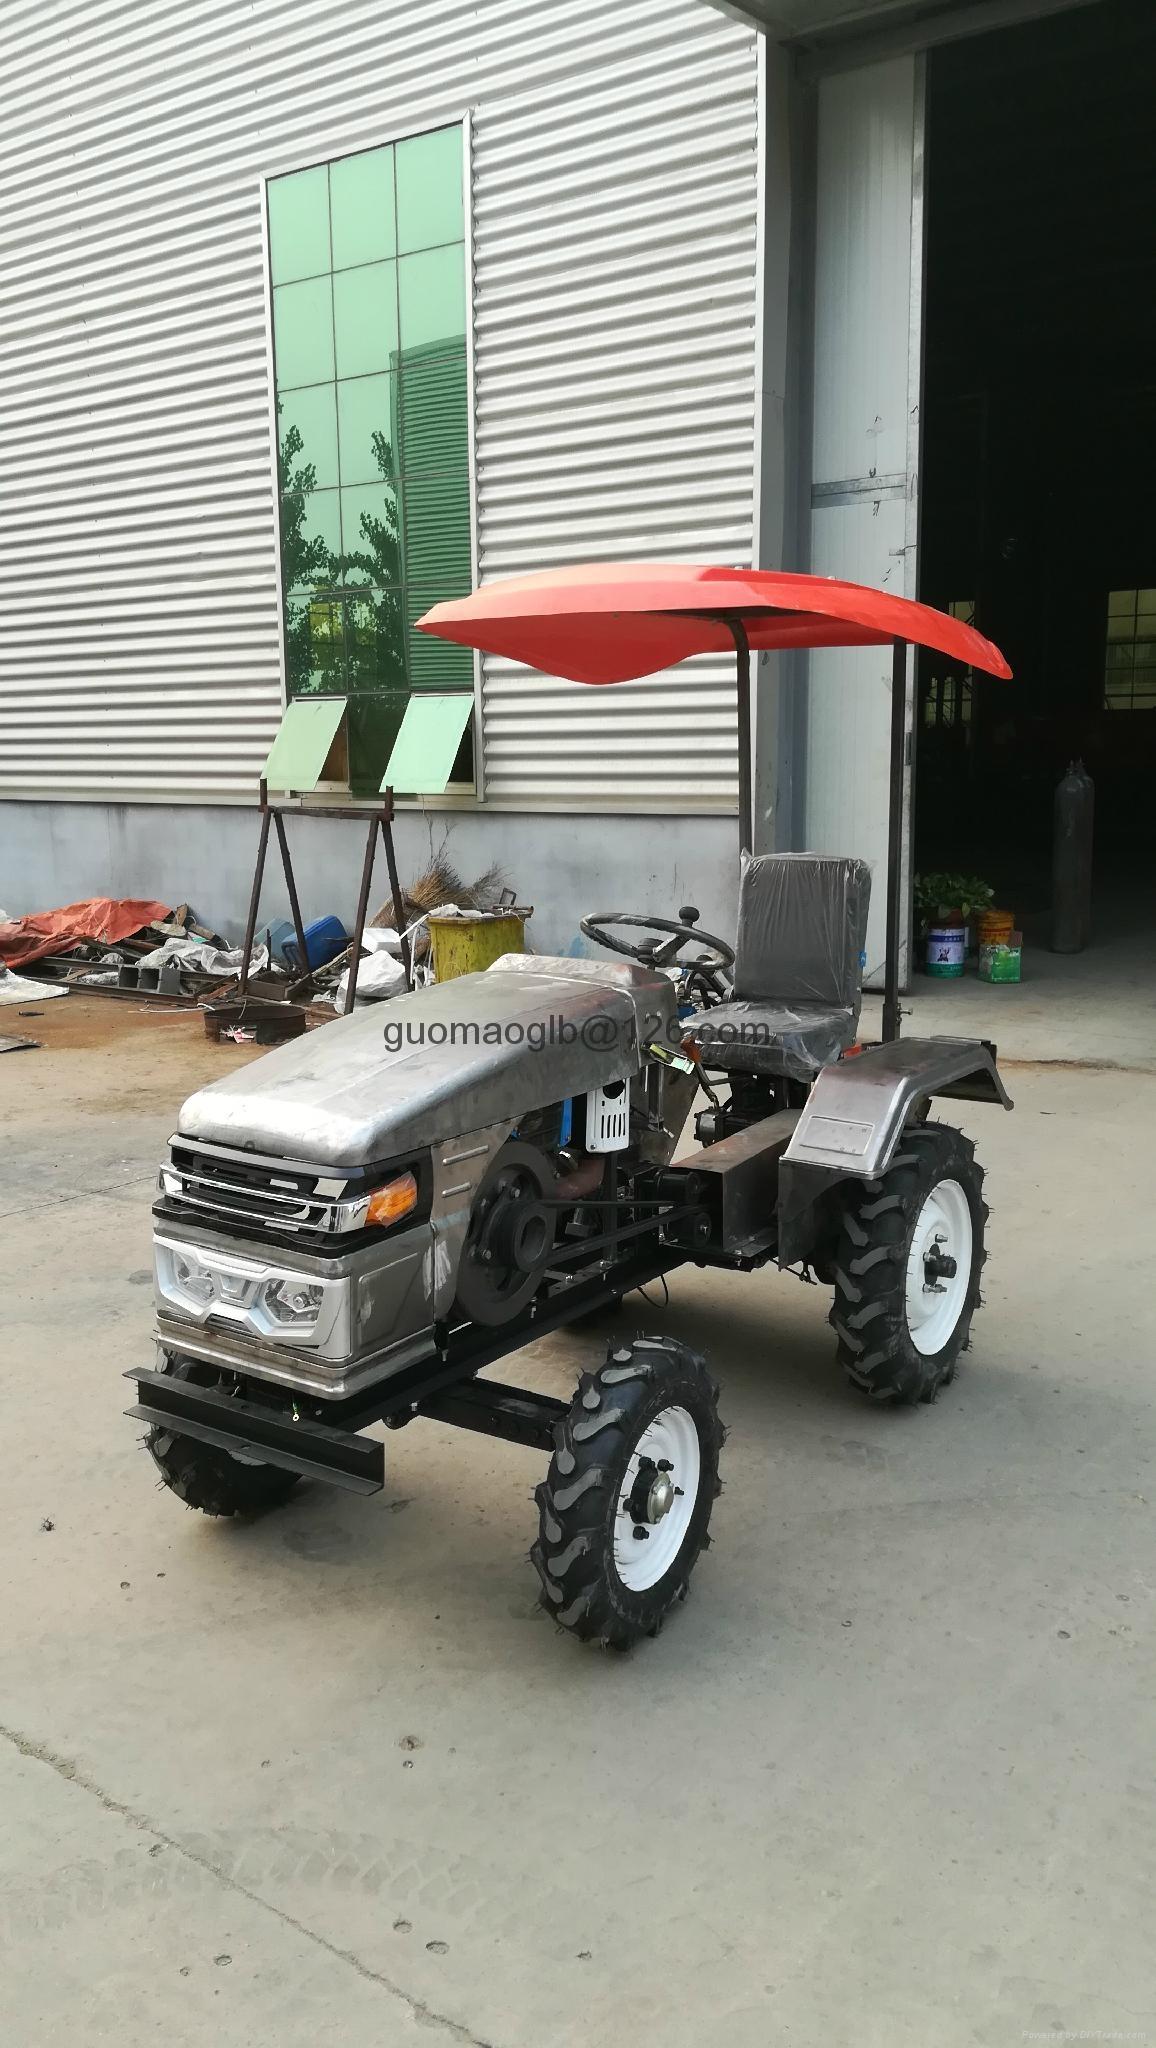 Ukraine and Russia market mini four wheel tractor,12/15hp 4